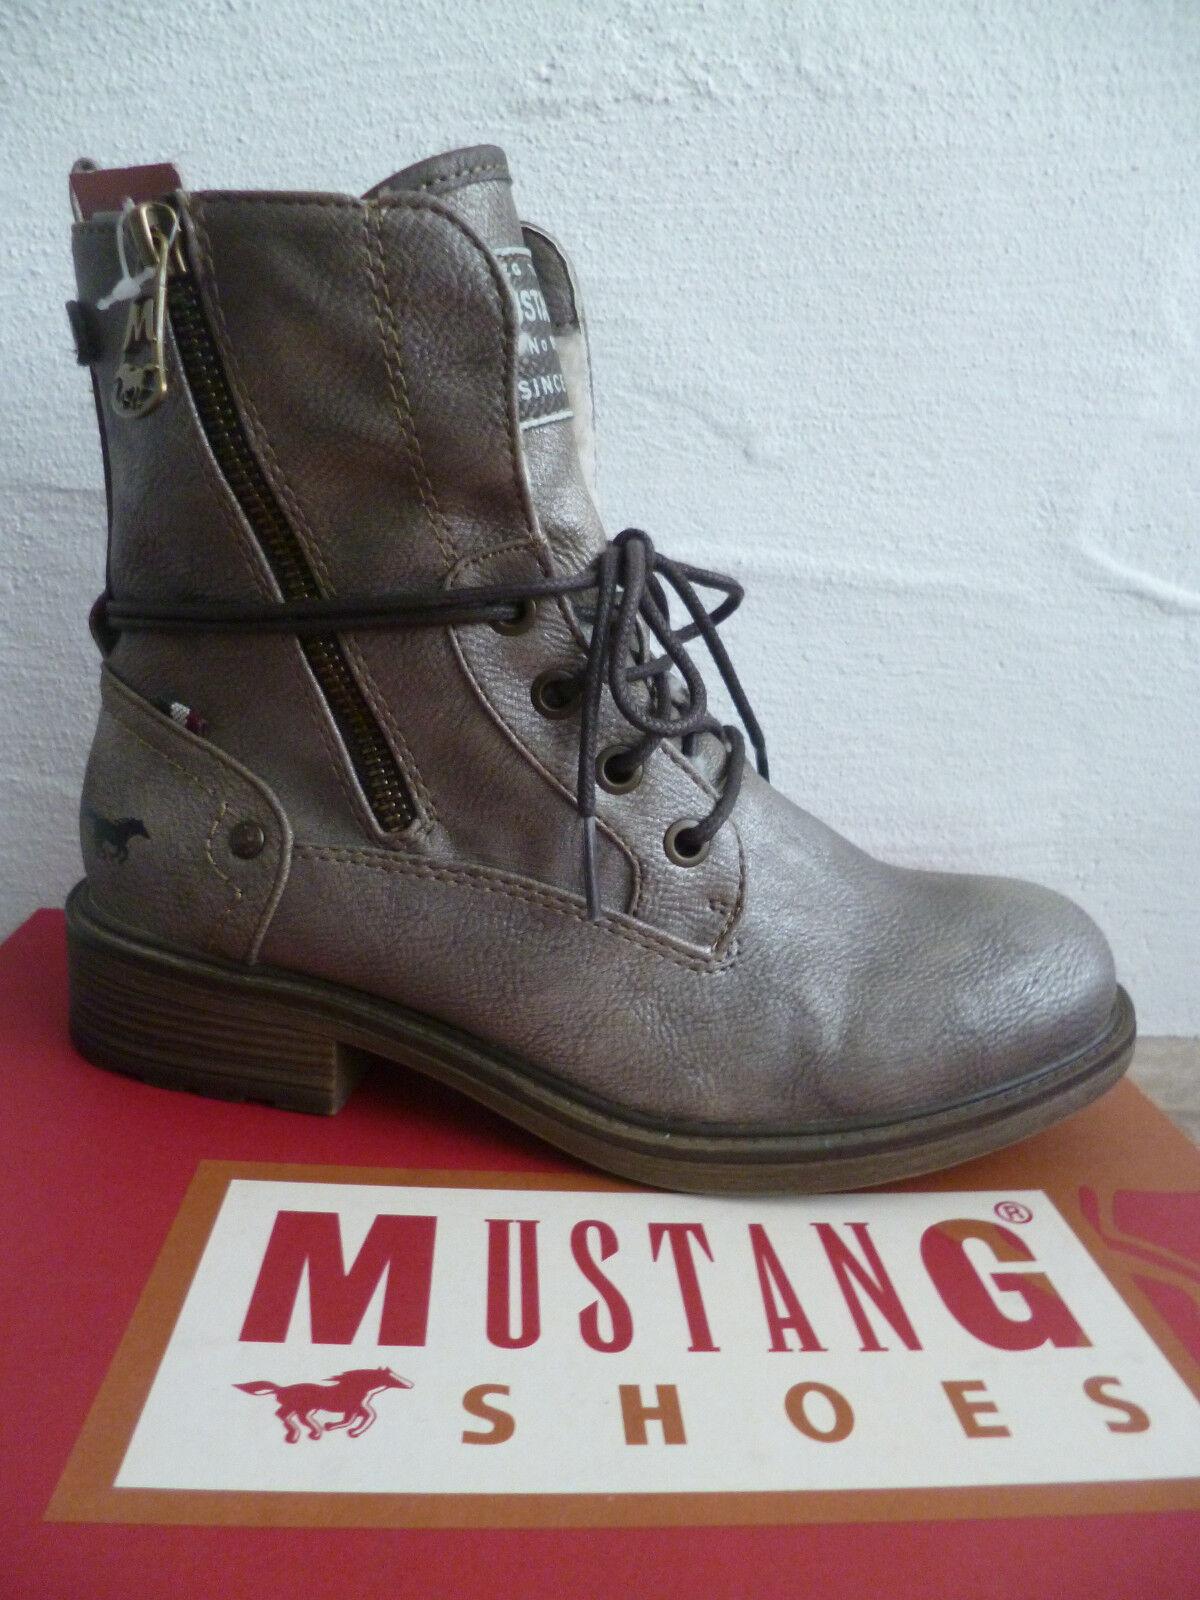 Mustang Botines botas de Cordón botas botas botas Invierno Nuevo d21091